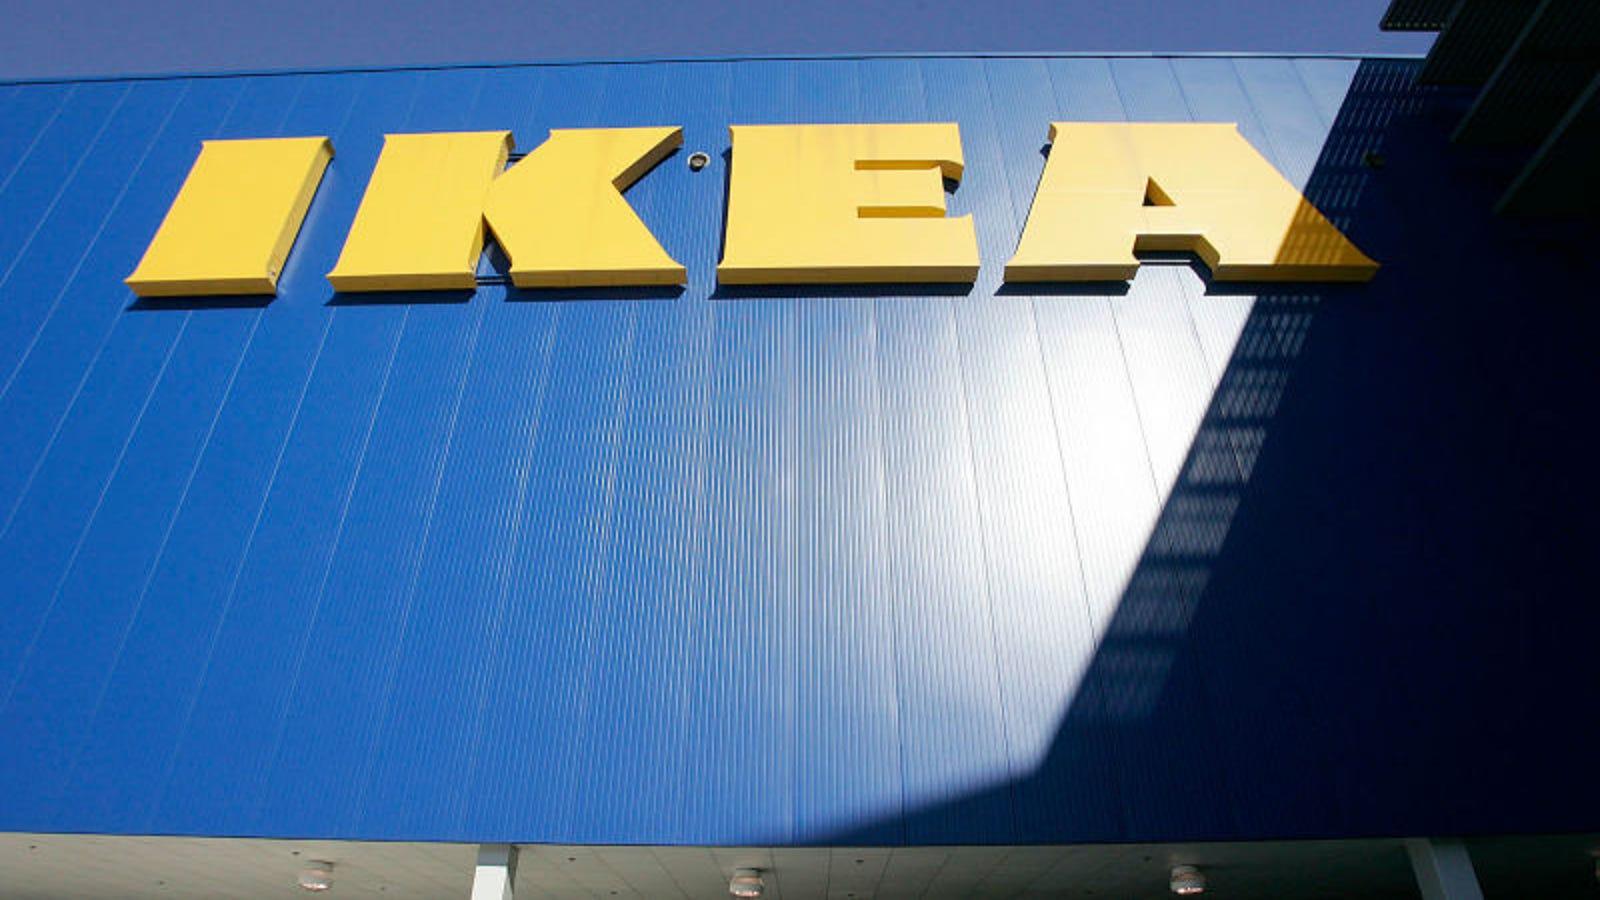 Los trucos mentales que usa Ikea para que compres por impulso (y cómo evitarlos)